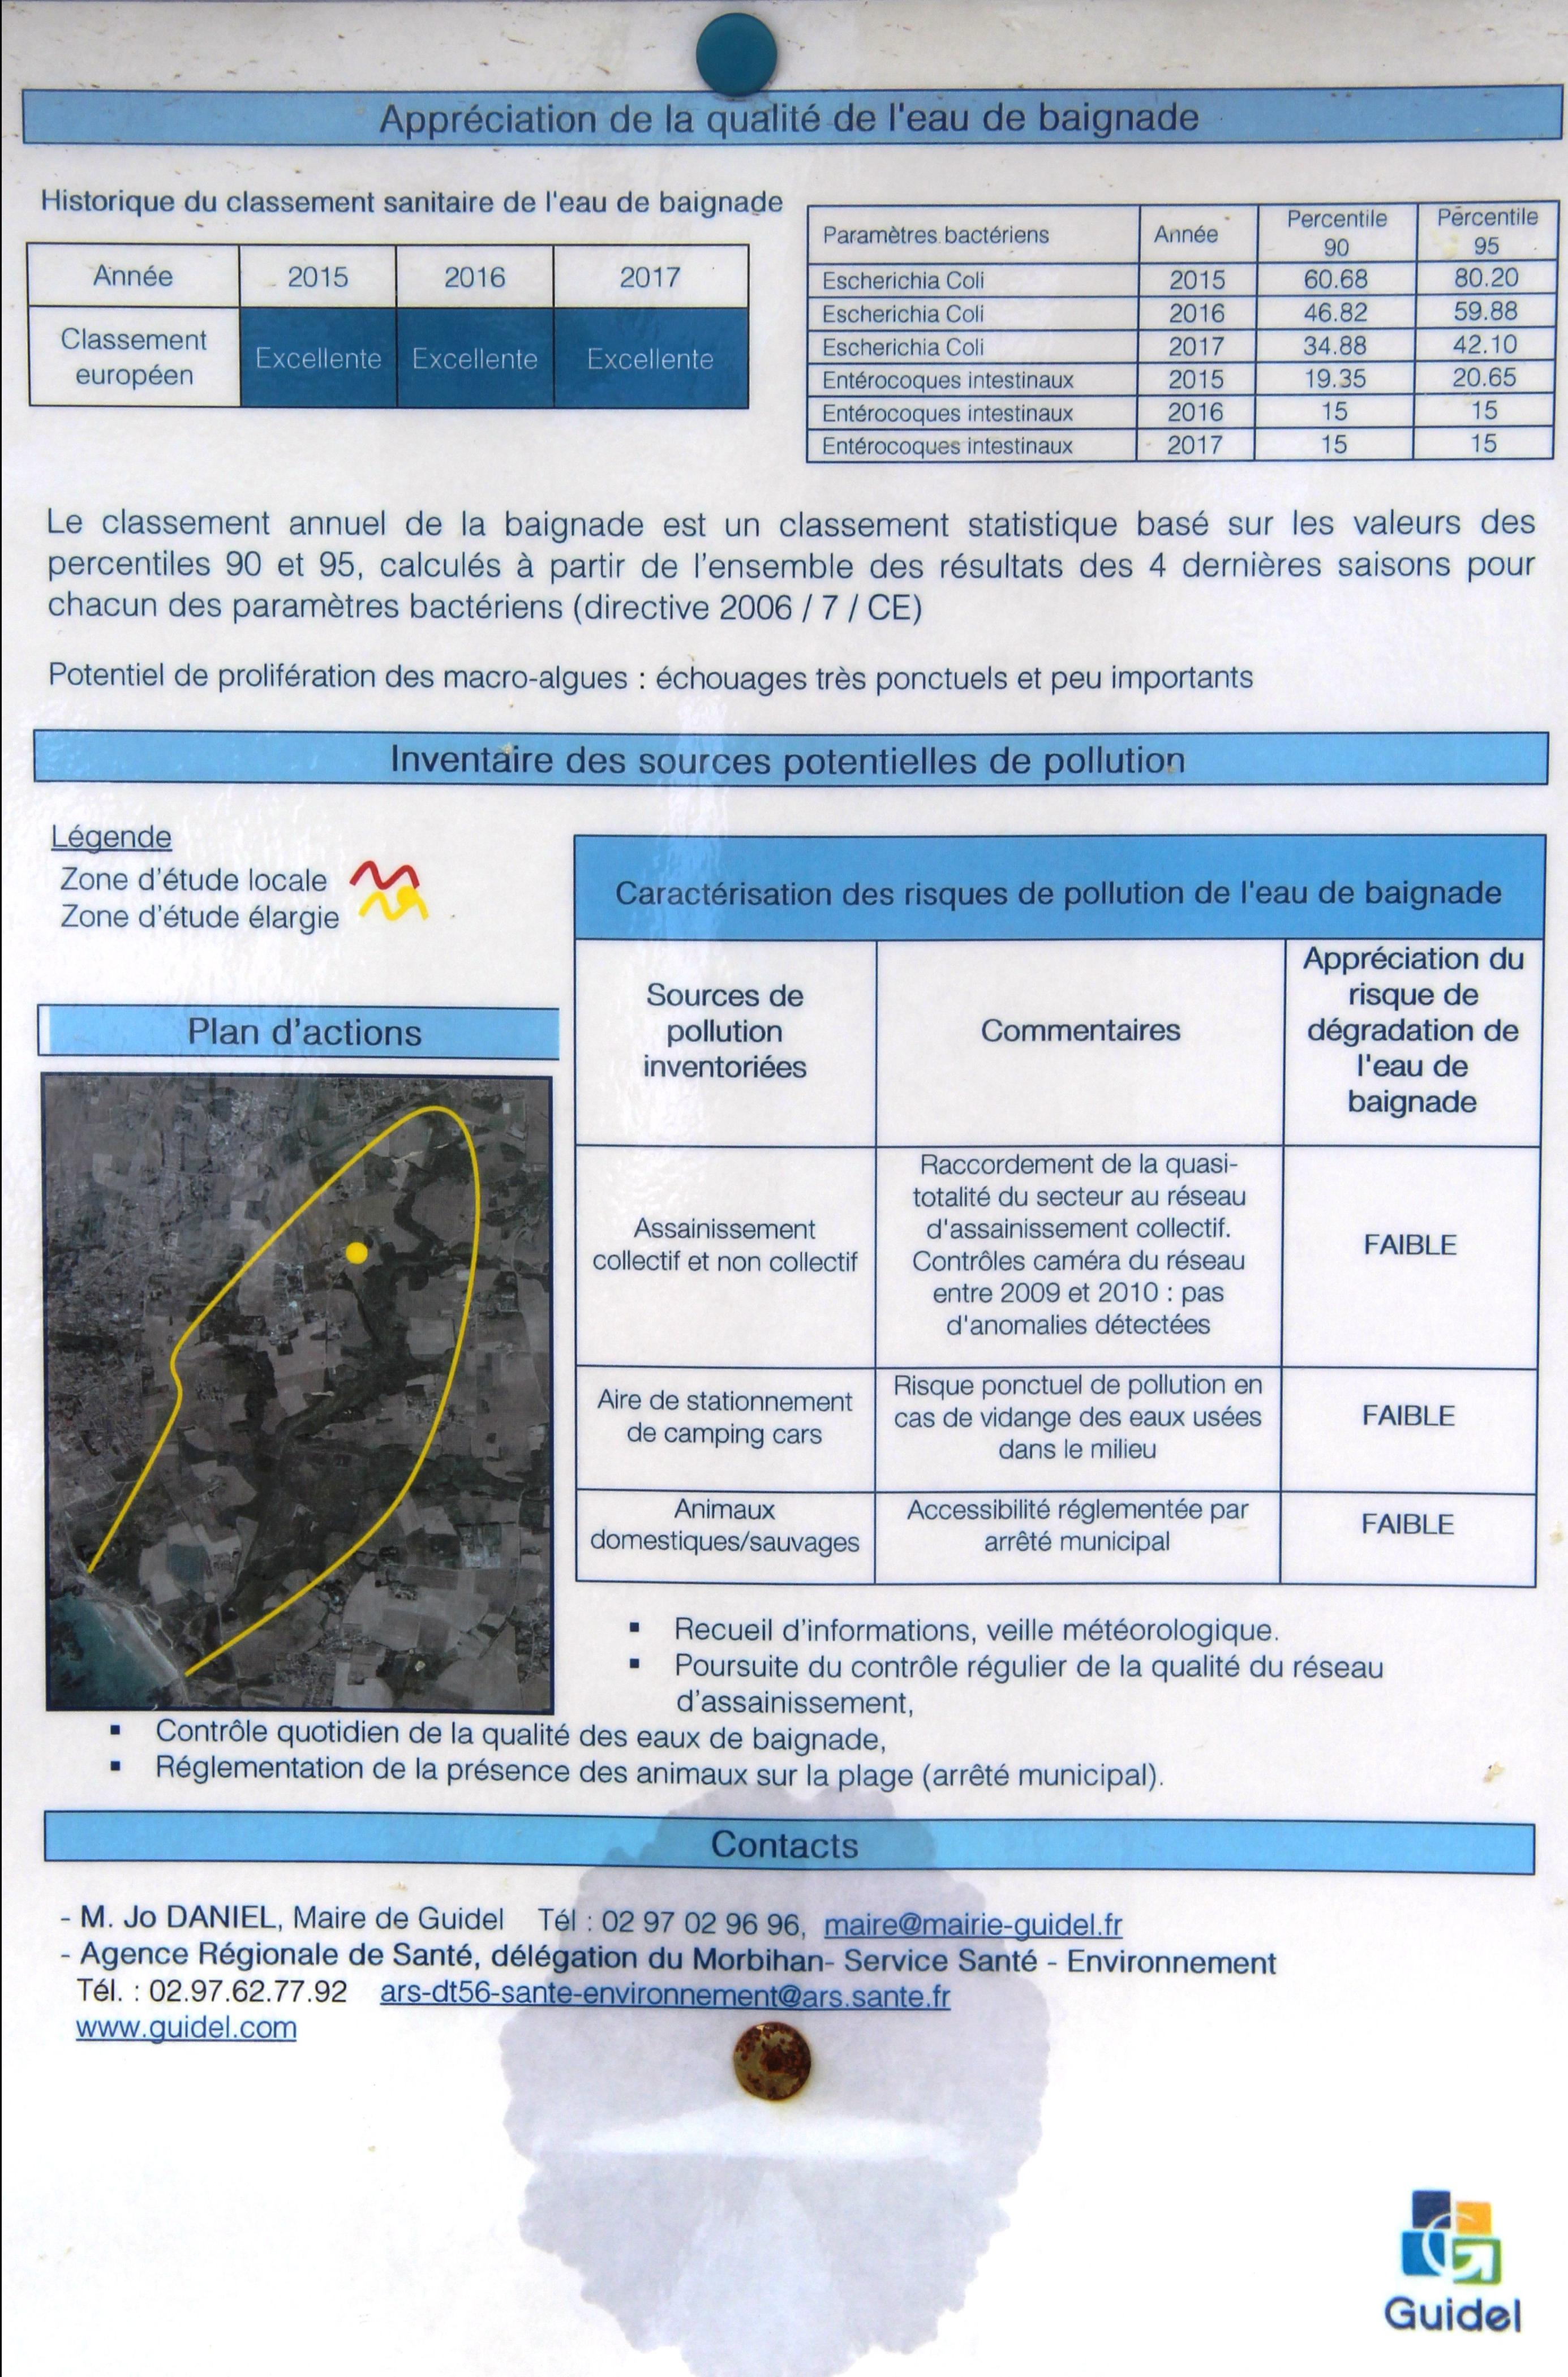 Panneau d'affichage à Guidel : informations détaillées